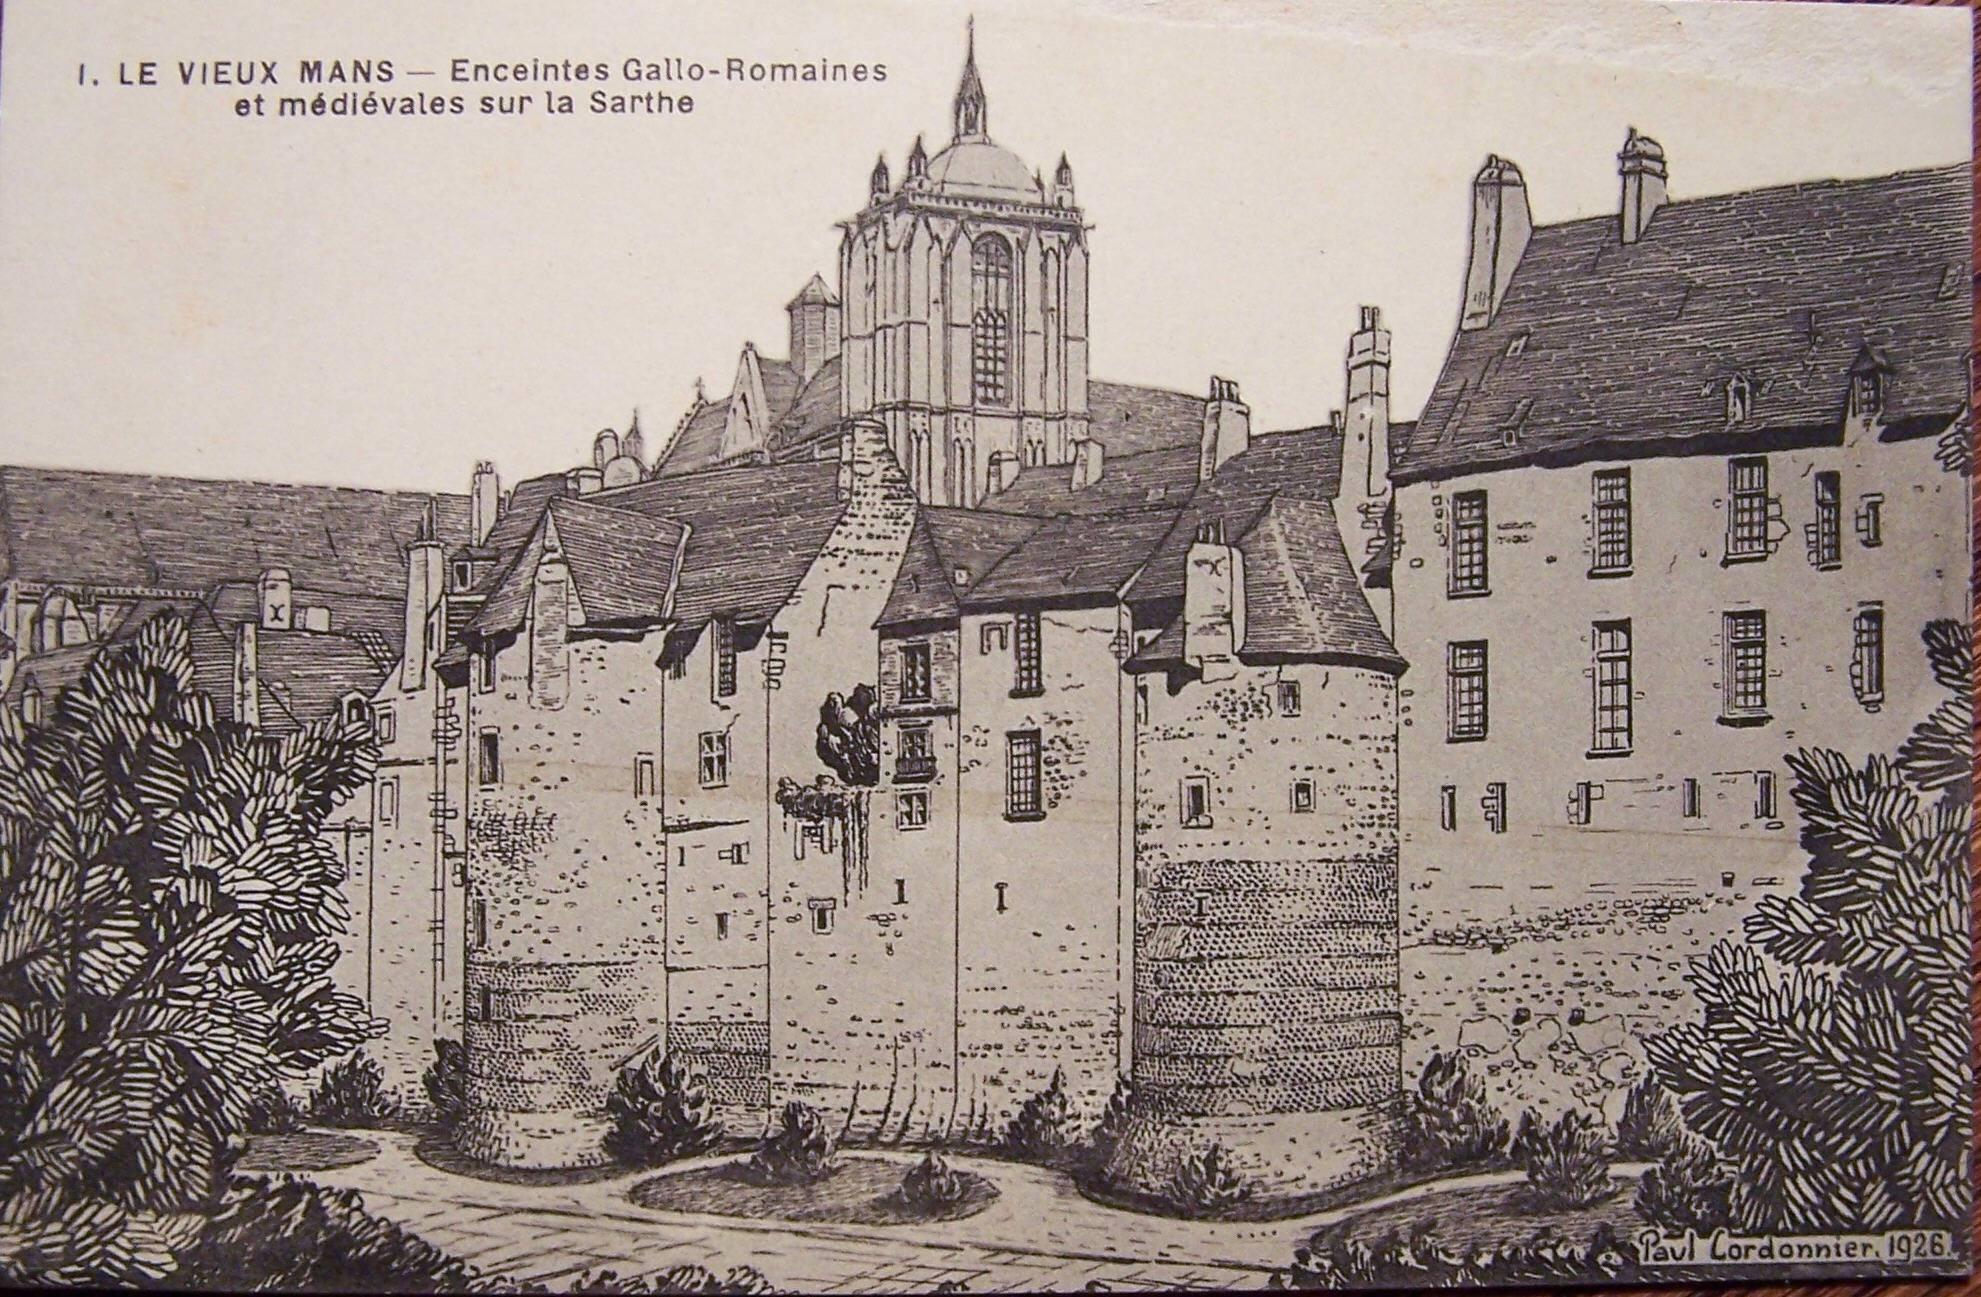 Le Vieux Mans - L'enceinte romaine - Enceintes Gallo Romaines et médiévales sur la Sarthe